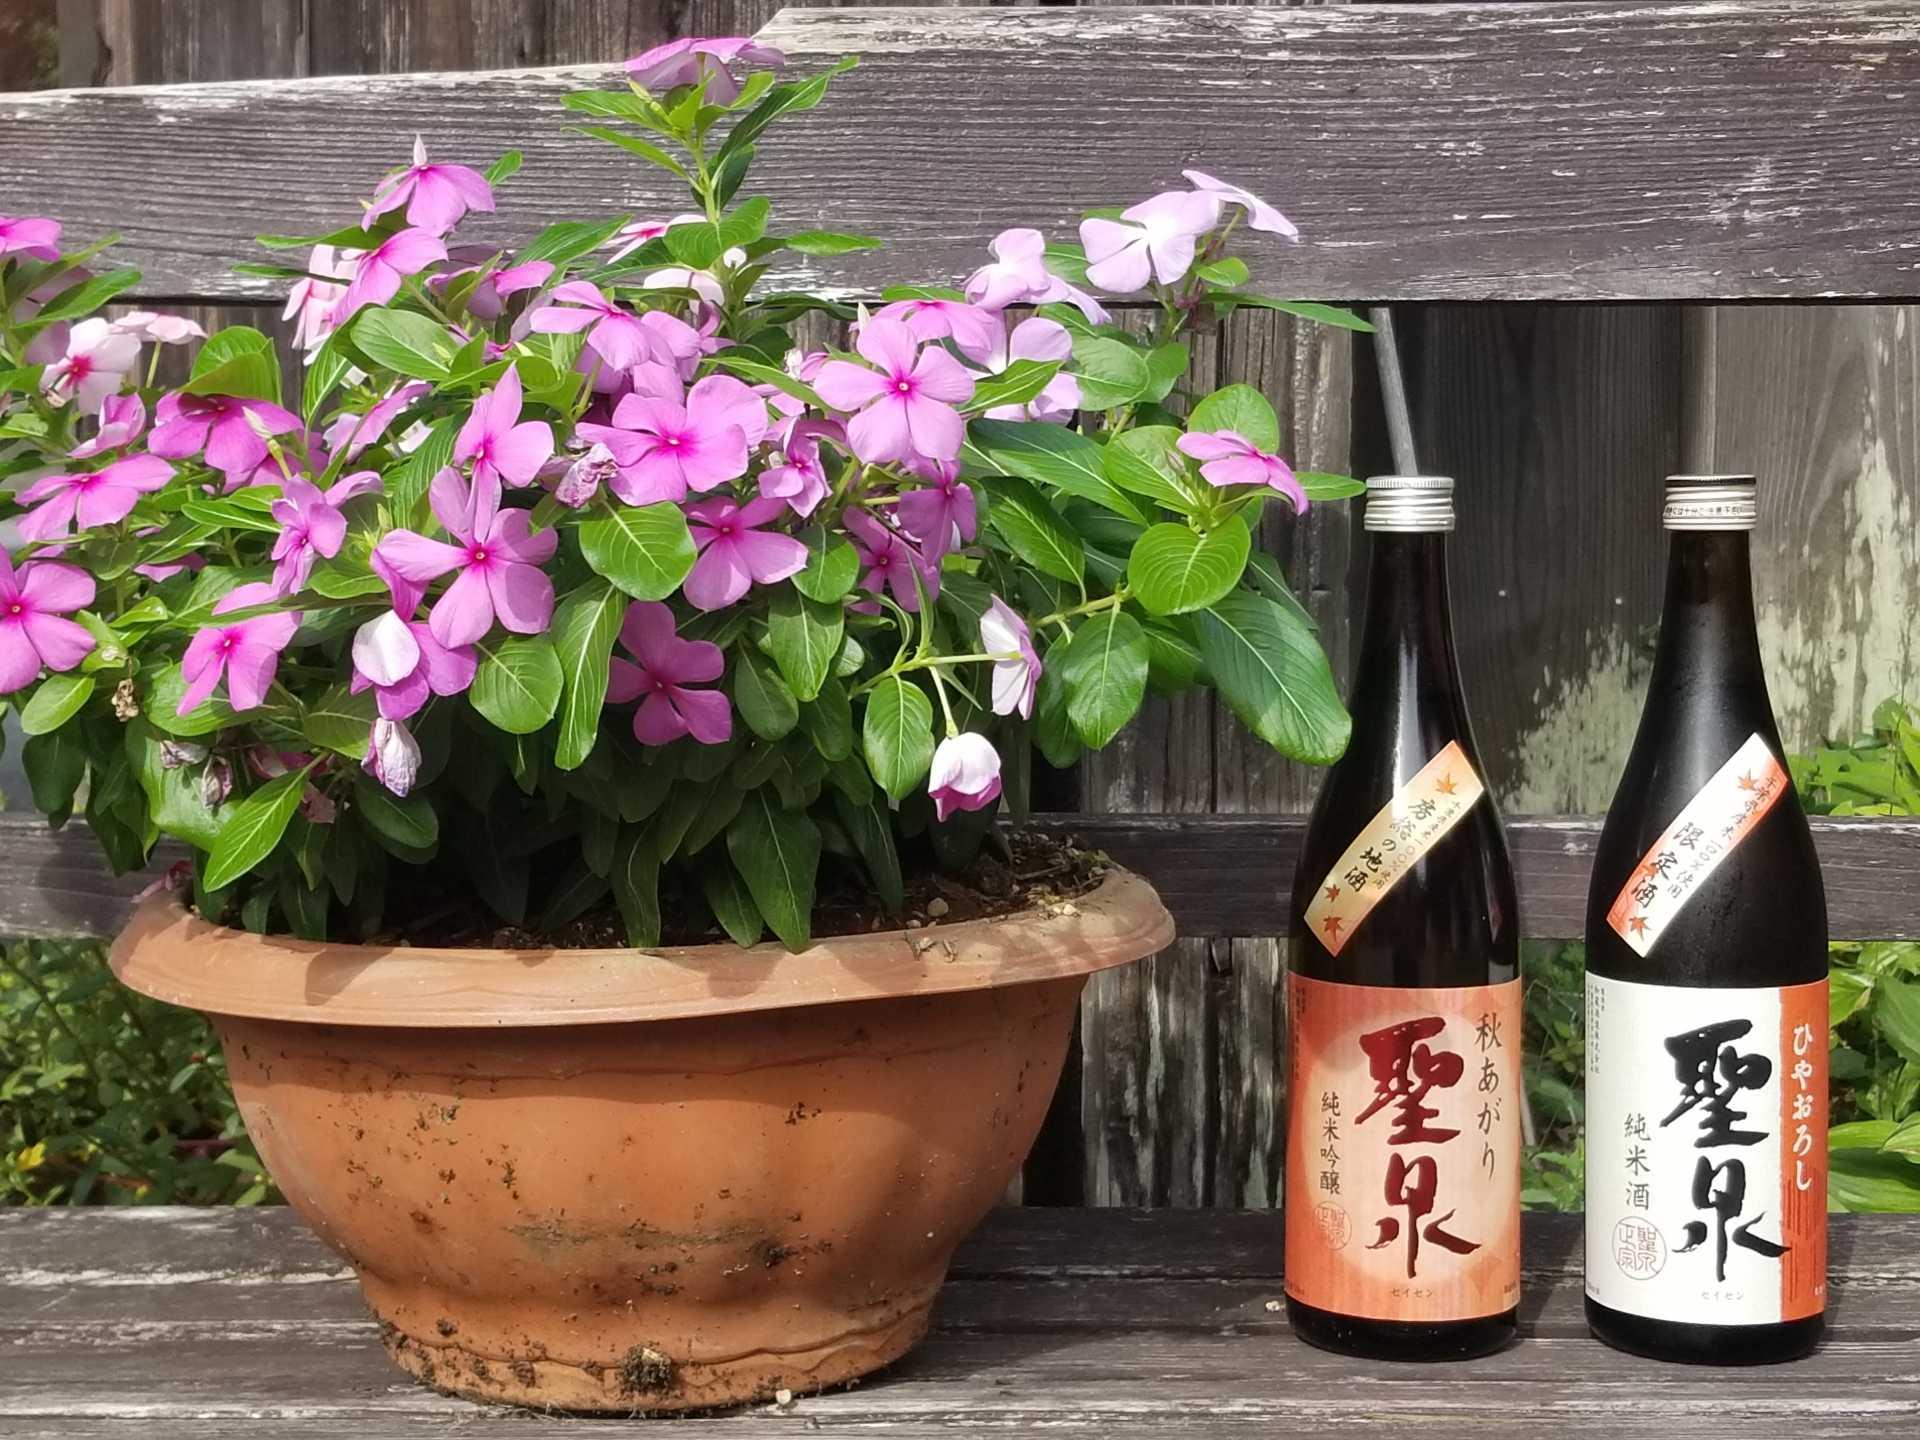 秋の味覚を引き立てる「旬」の酒 発売しました!